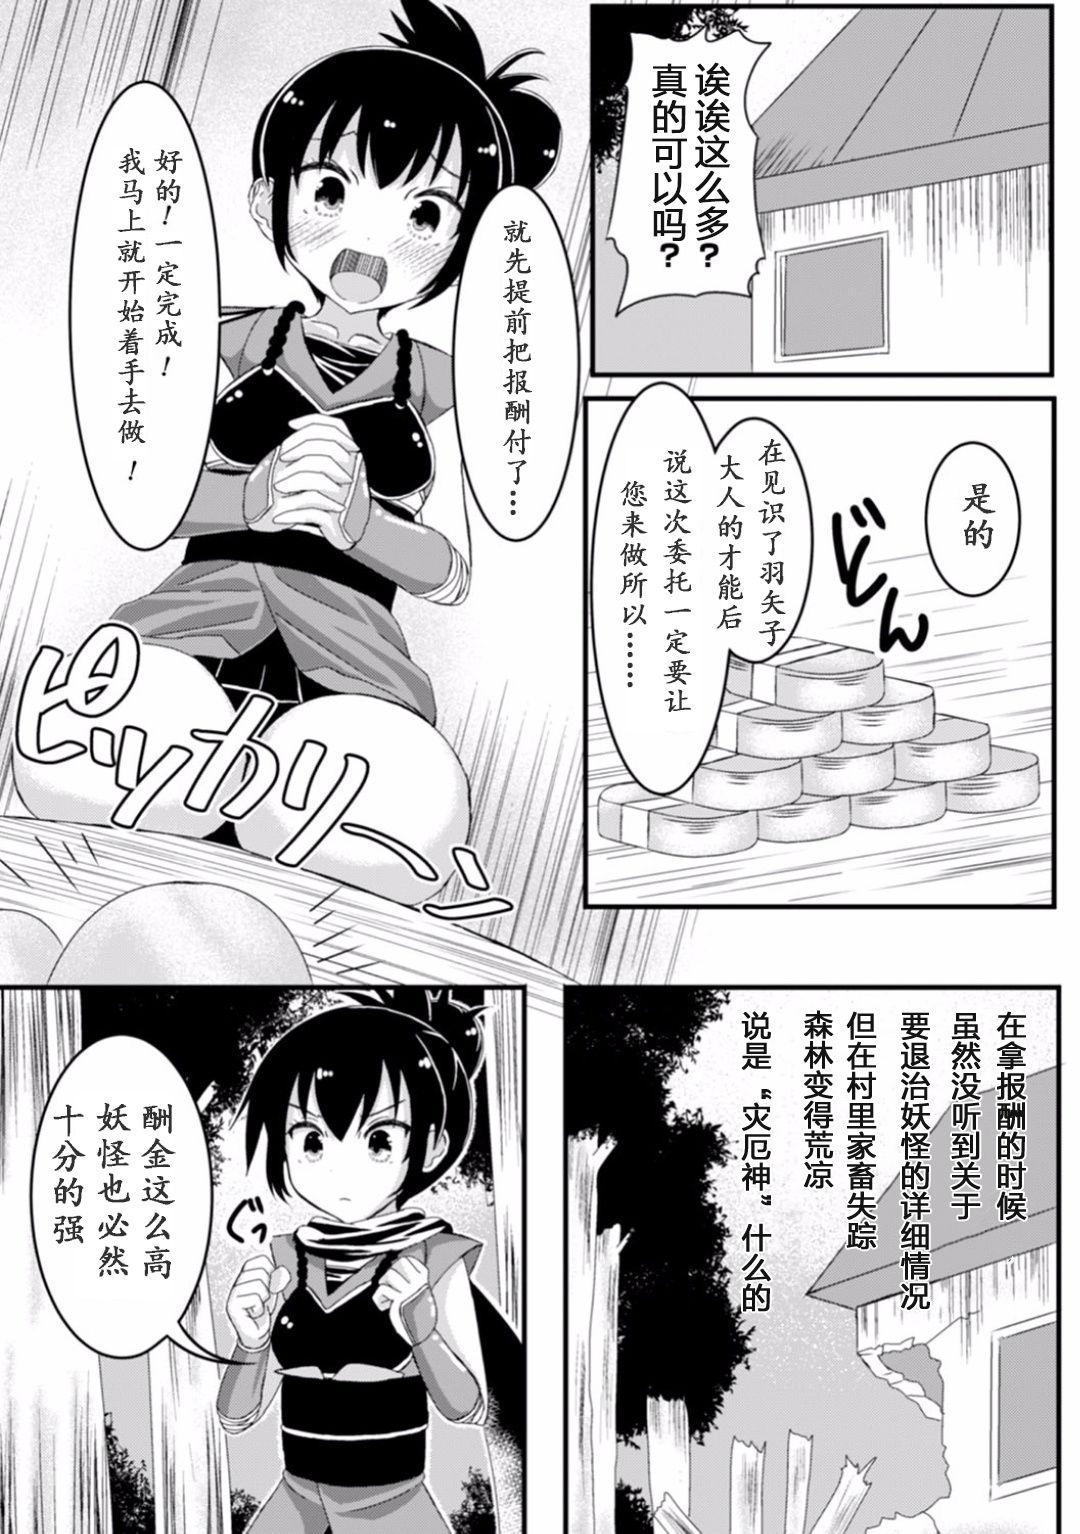 2D Comic Magazine Shokushu ni Kiseisareshi Otome no Karada Vol. 1 66